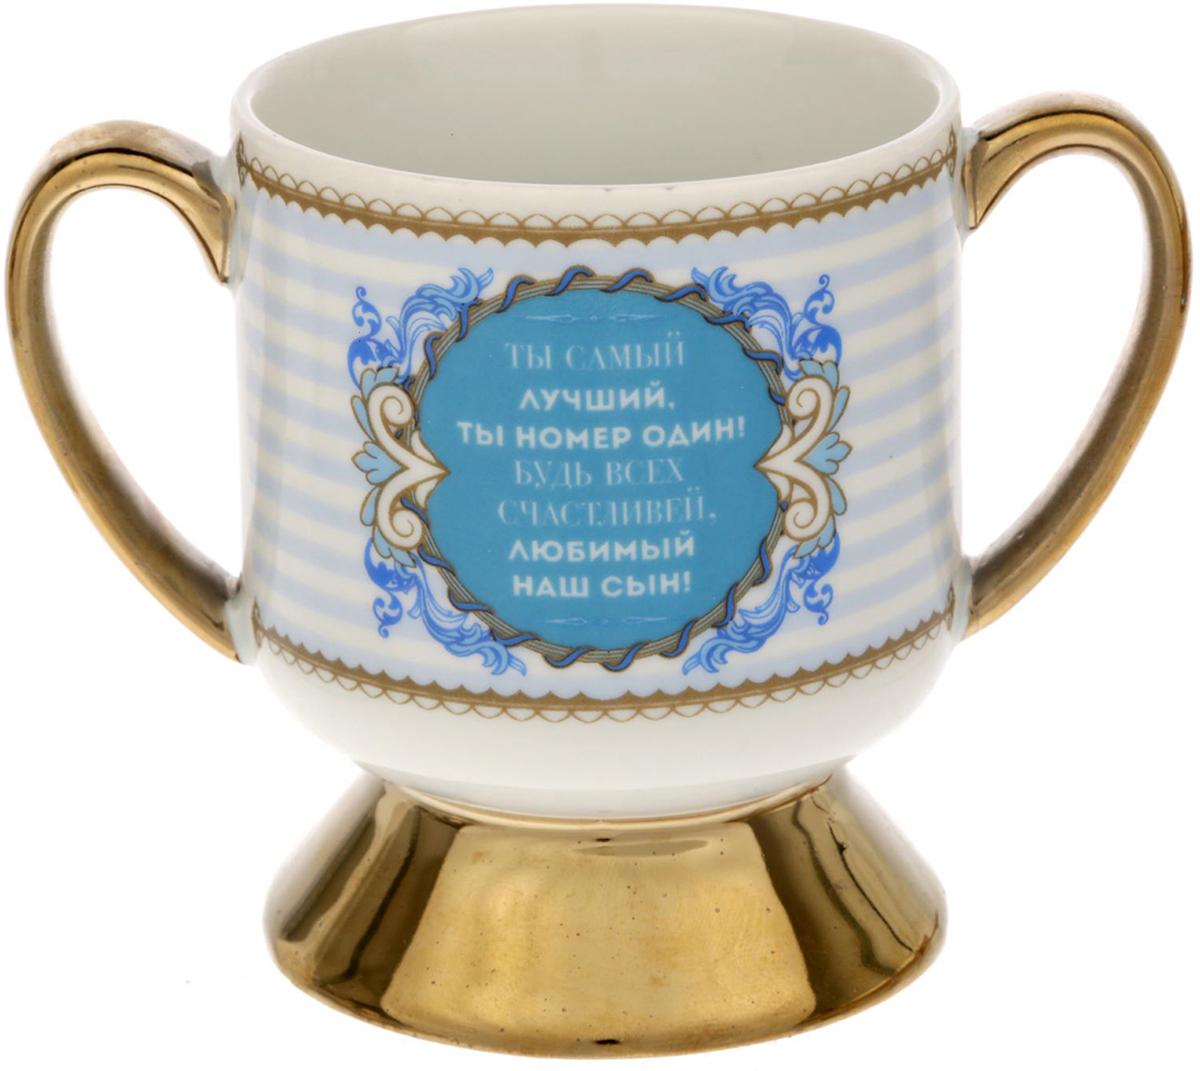 Кружка Sima-Land Кубок. Сын, 250 мл. 15521411552141Кружка-кубок - новый способ поделиться самыми нежными чувствами. Необычный предмет из керамики станет чудесным подарком близкому человеку. Поверхность украшена вензельным рисунком и надписью с теплыми словами. Такой кубок можно поставить на самое видное место в доме или пить из него чай или компот. Дарите от всей души!